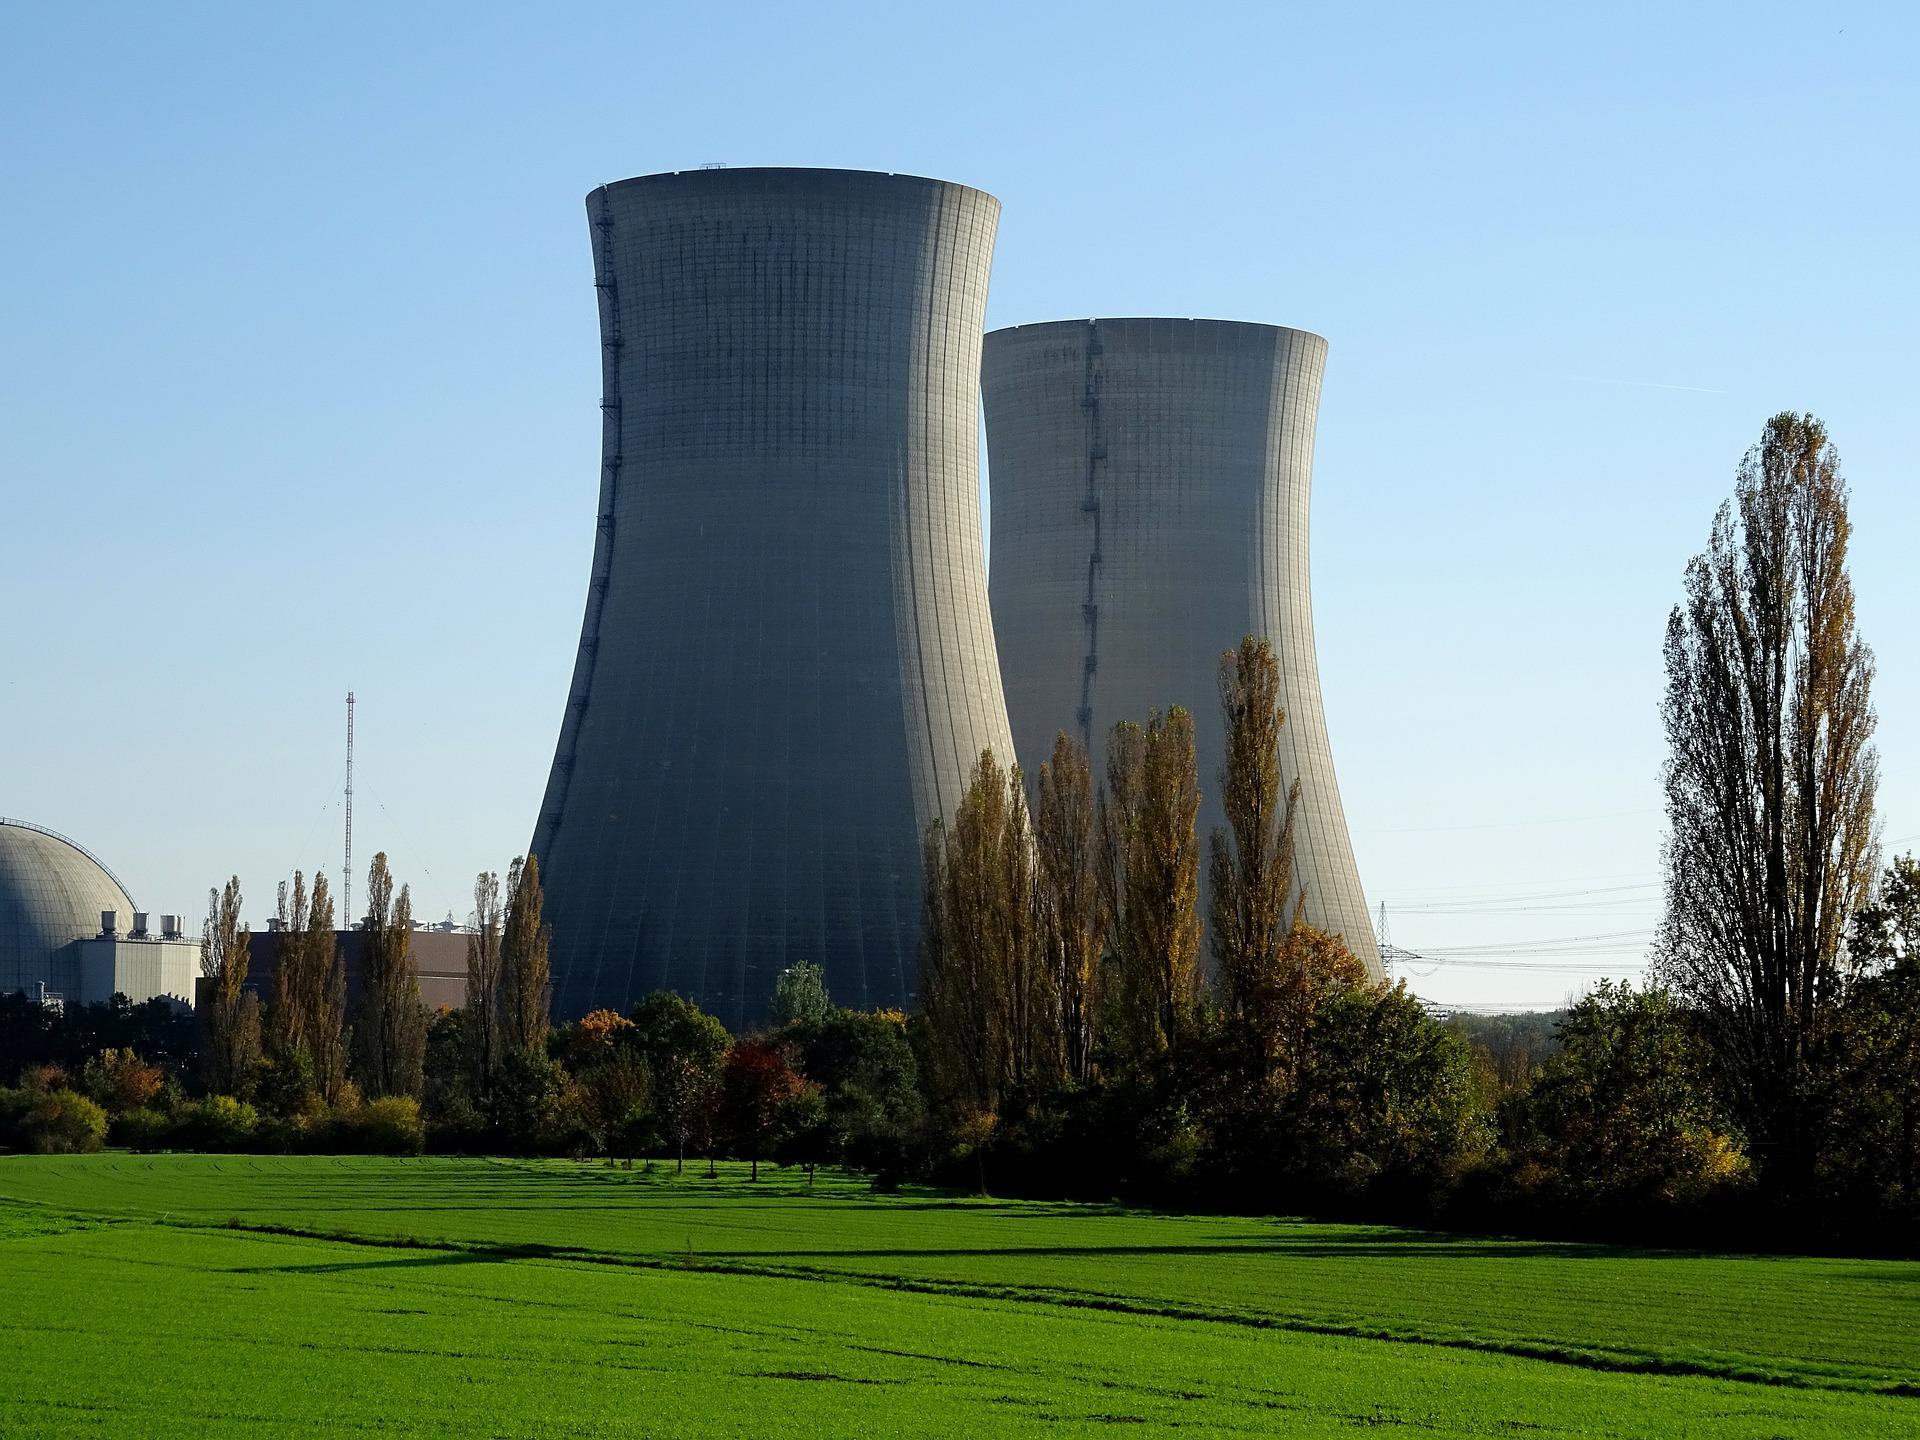 Tutta la verità su scorie nucleari e siti di stoccaggio: dove finiranno i rifiuti?